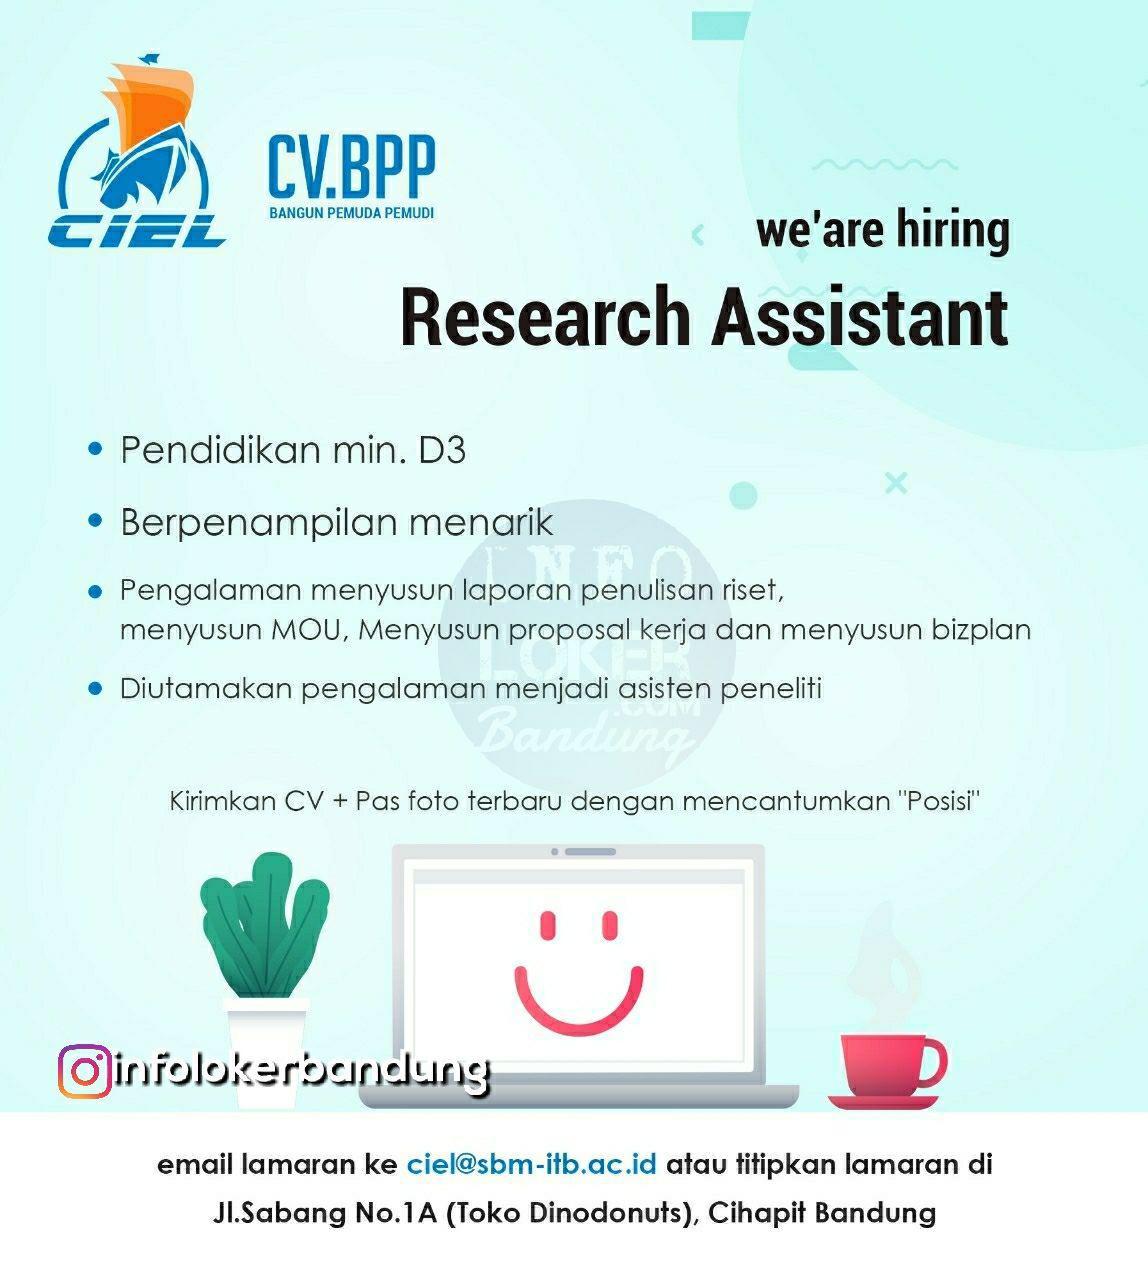 Lowongan Kerja Research Assistant CV. BPP Bandung Desember 2018